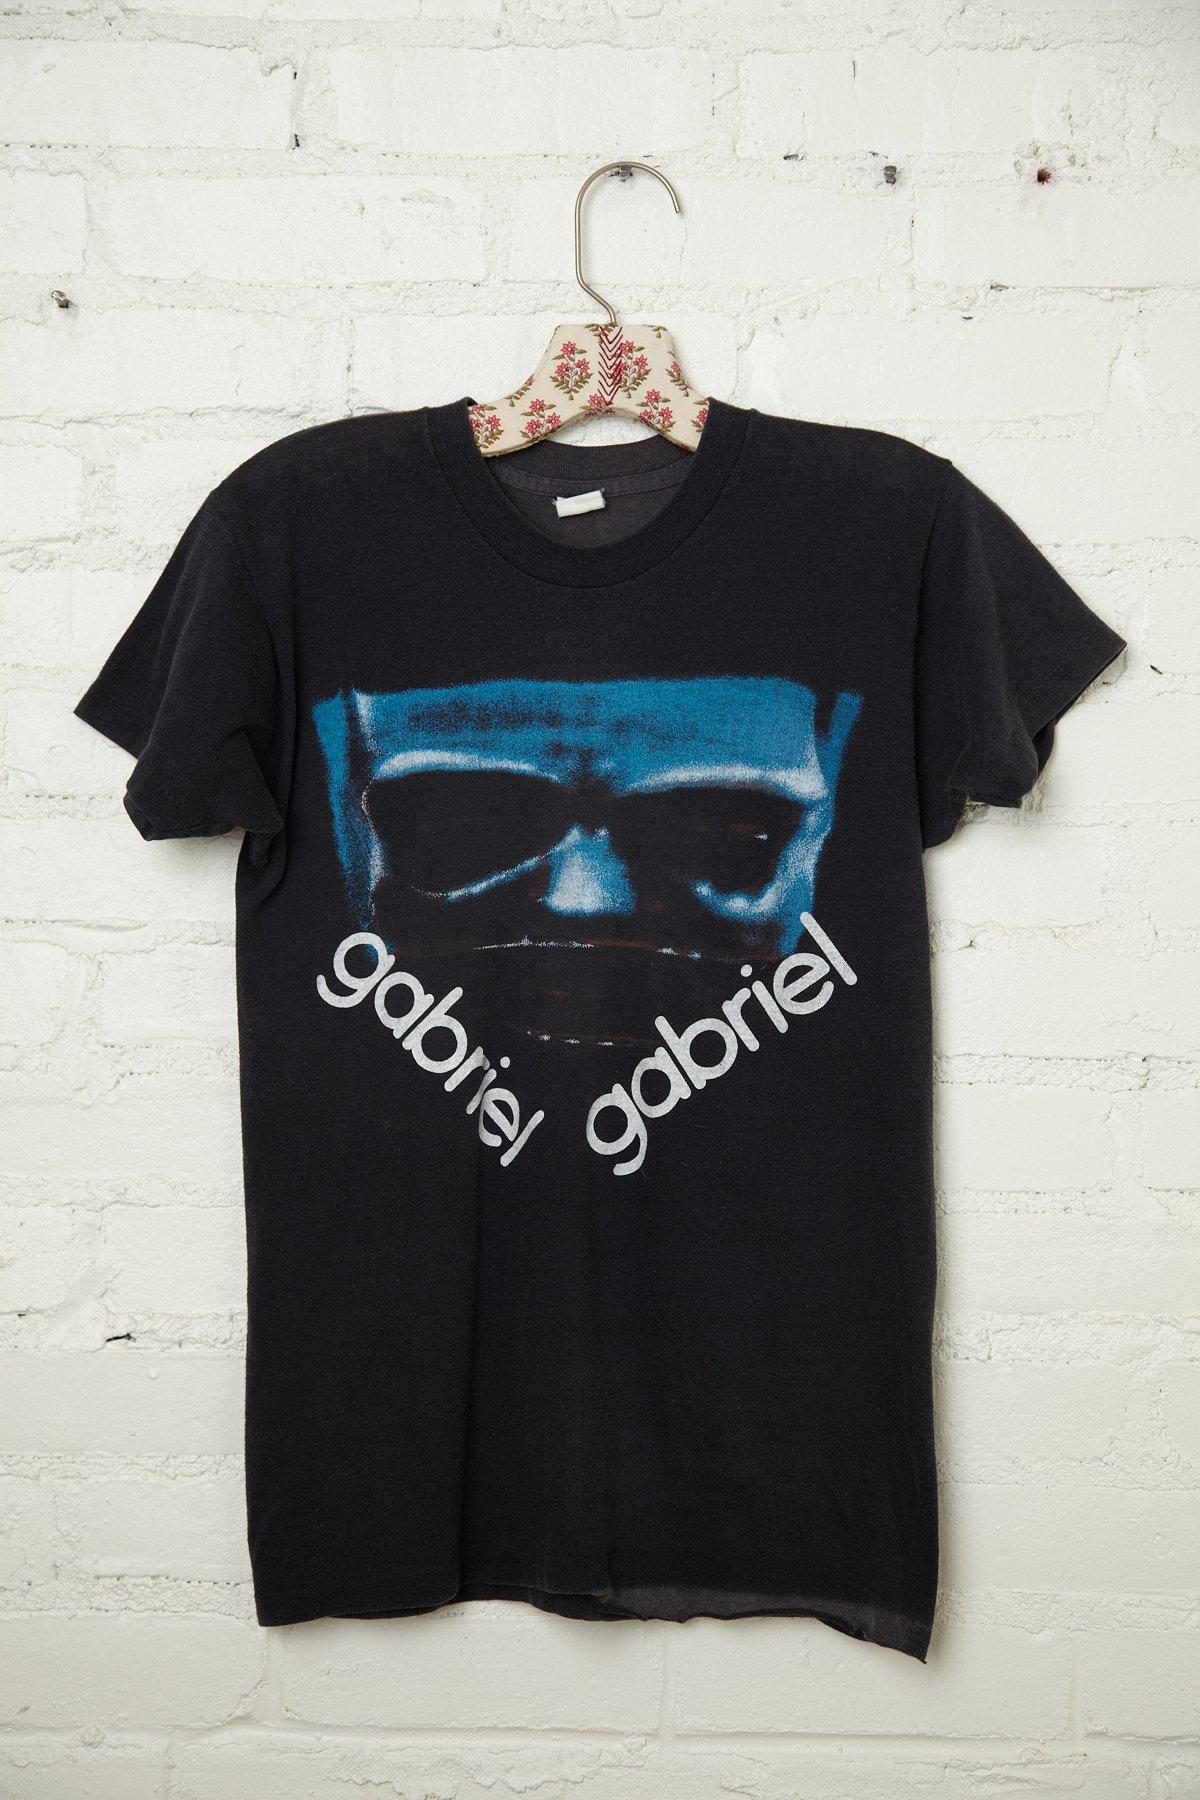 Vintage 1982 Peter Gabriel Tee